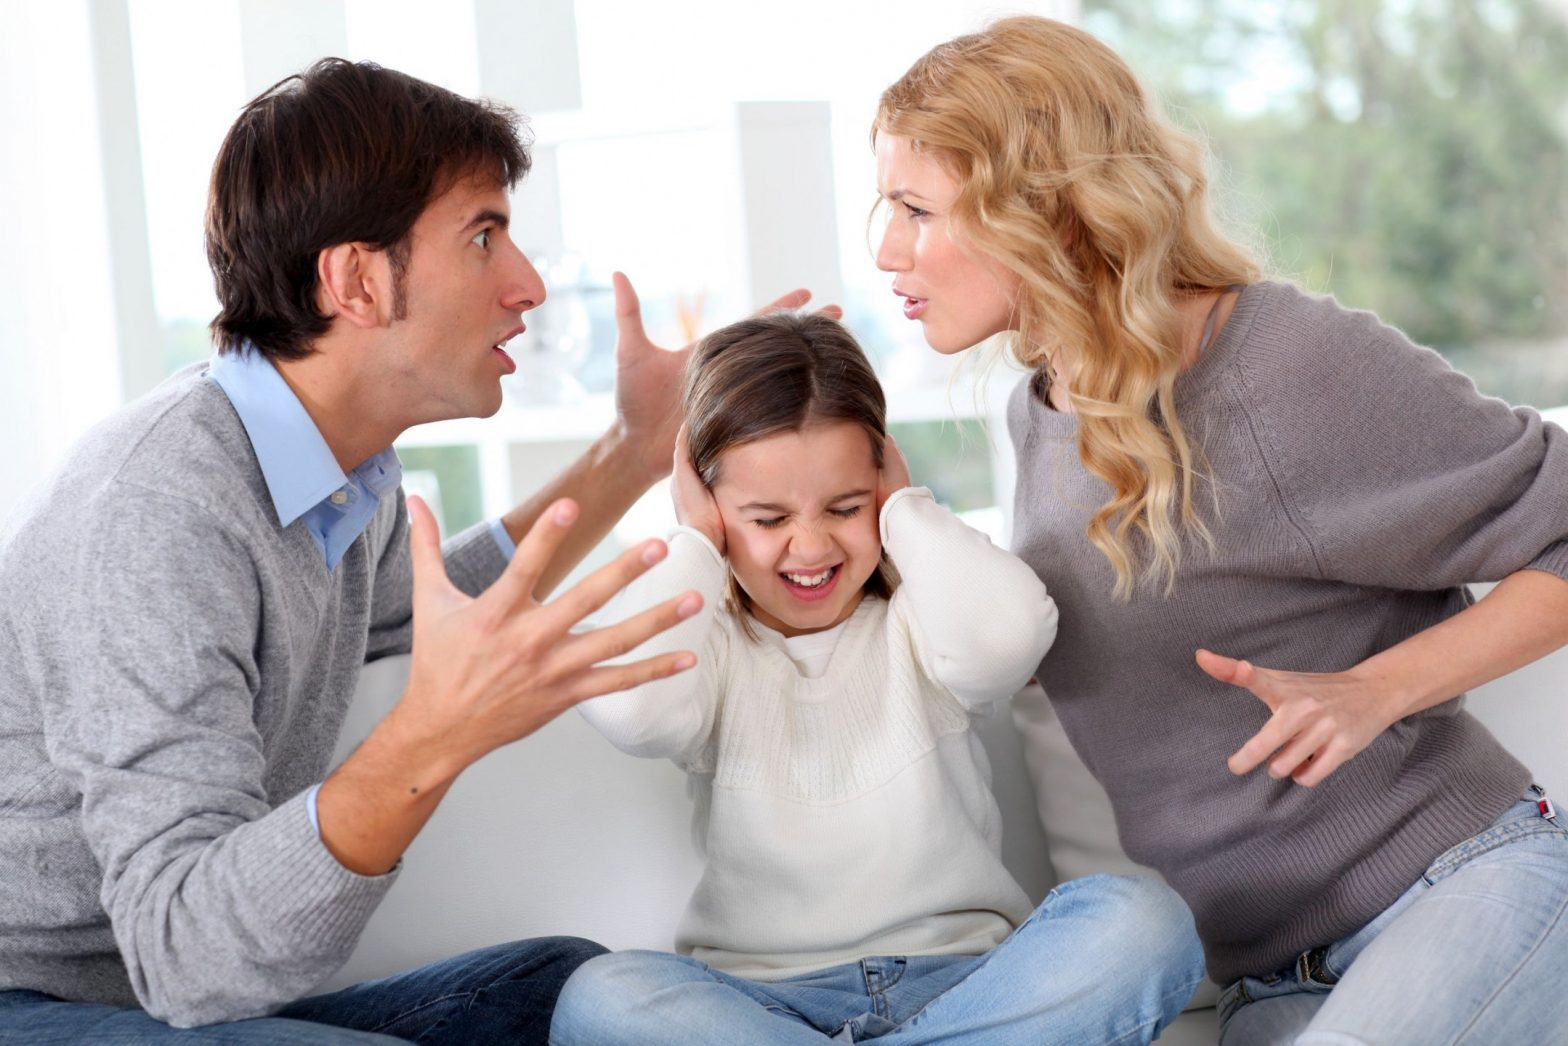 pareja-peleando-hija-enmedio